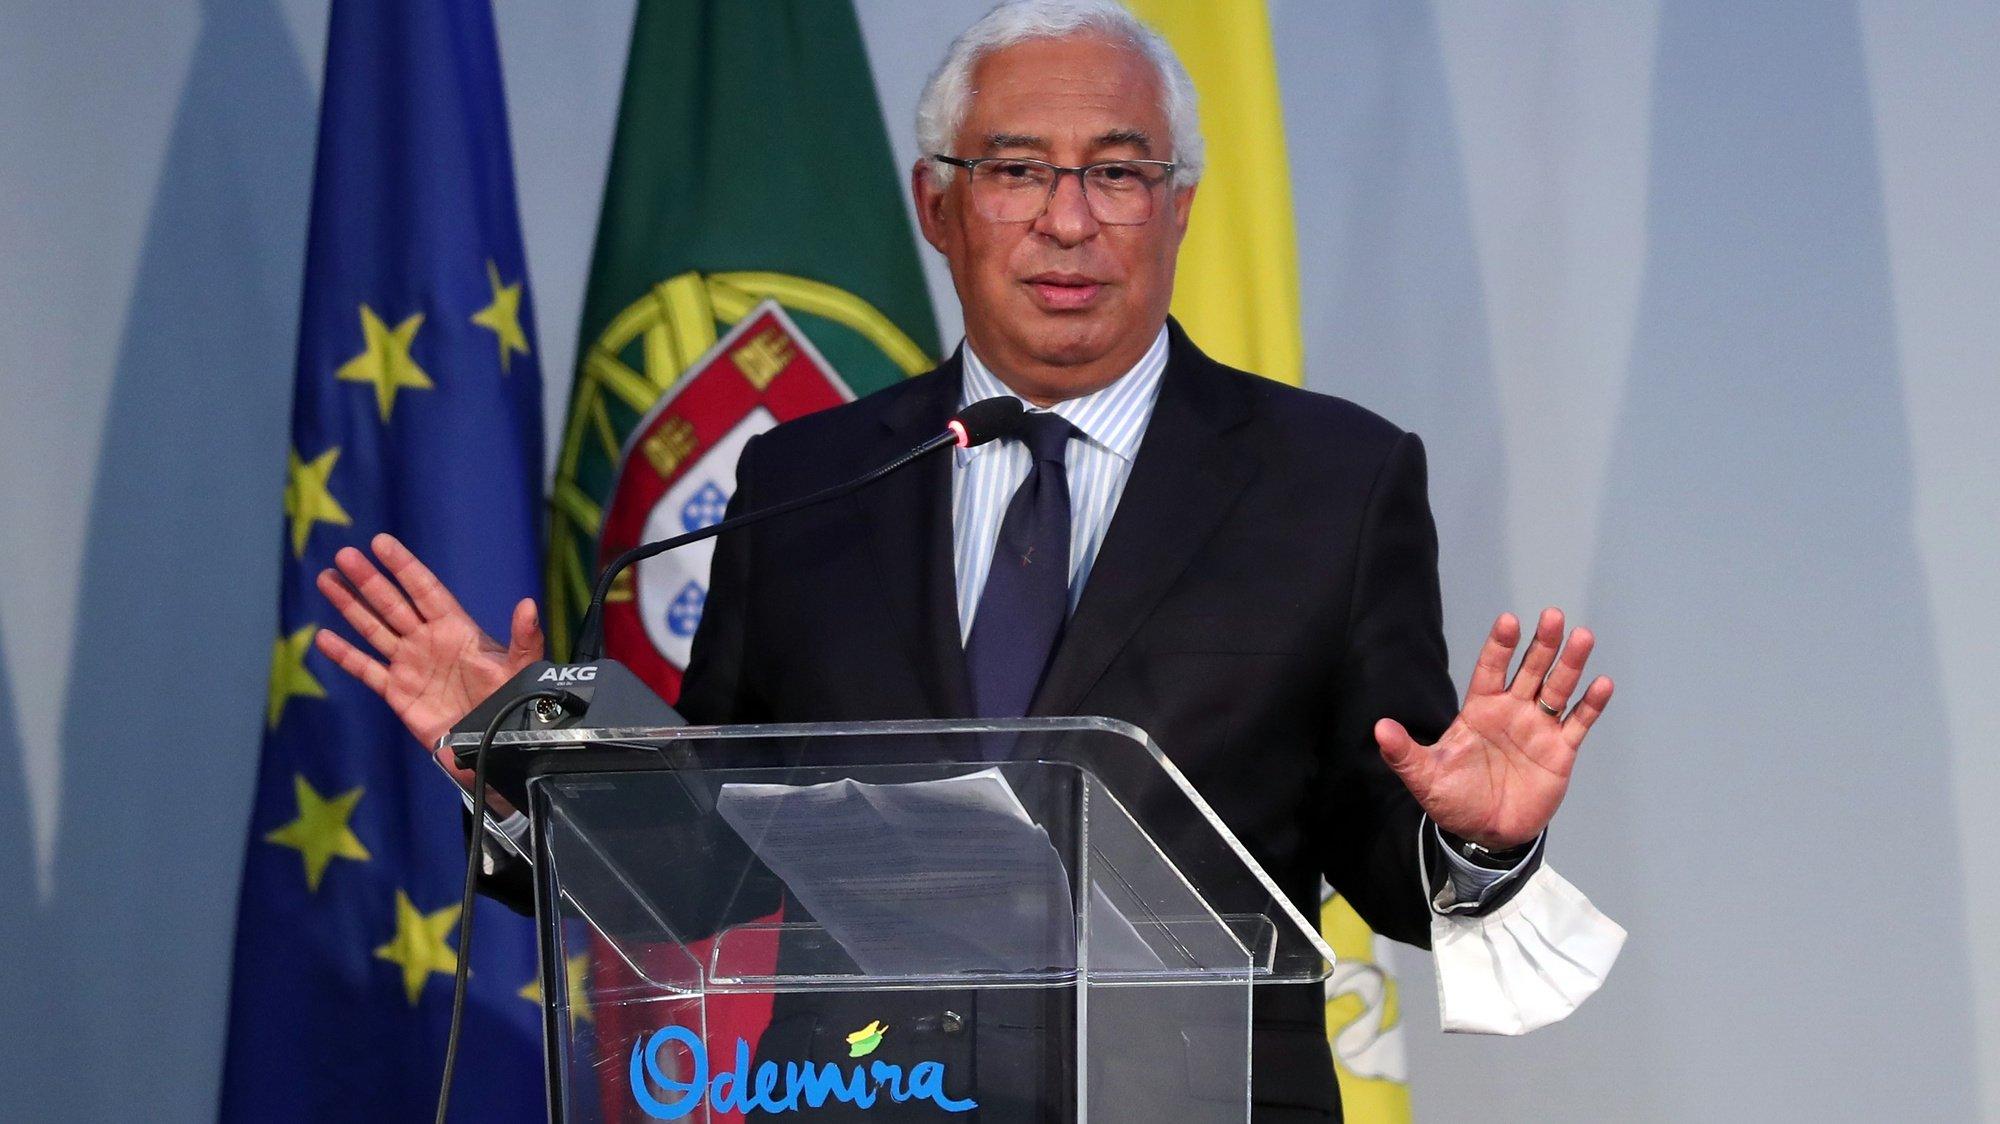 O primeiro-ministro, António Costa, durante uma sessão para assinatura de protocolos tendo em vista dar resposta às necessidades habitacionais verificadas no concelho de Odemira, 11 de maio de 2021. NUNO VEIGA/LUSA